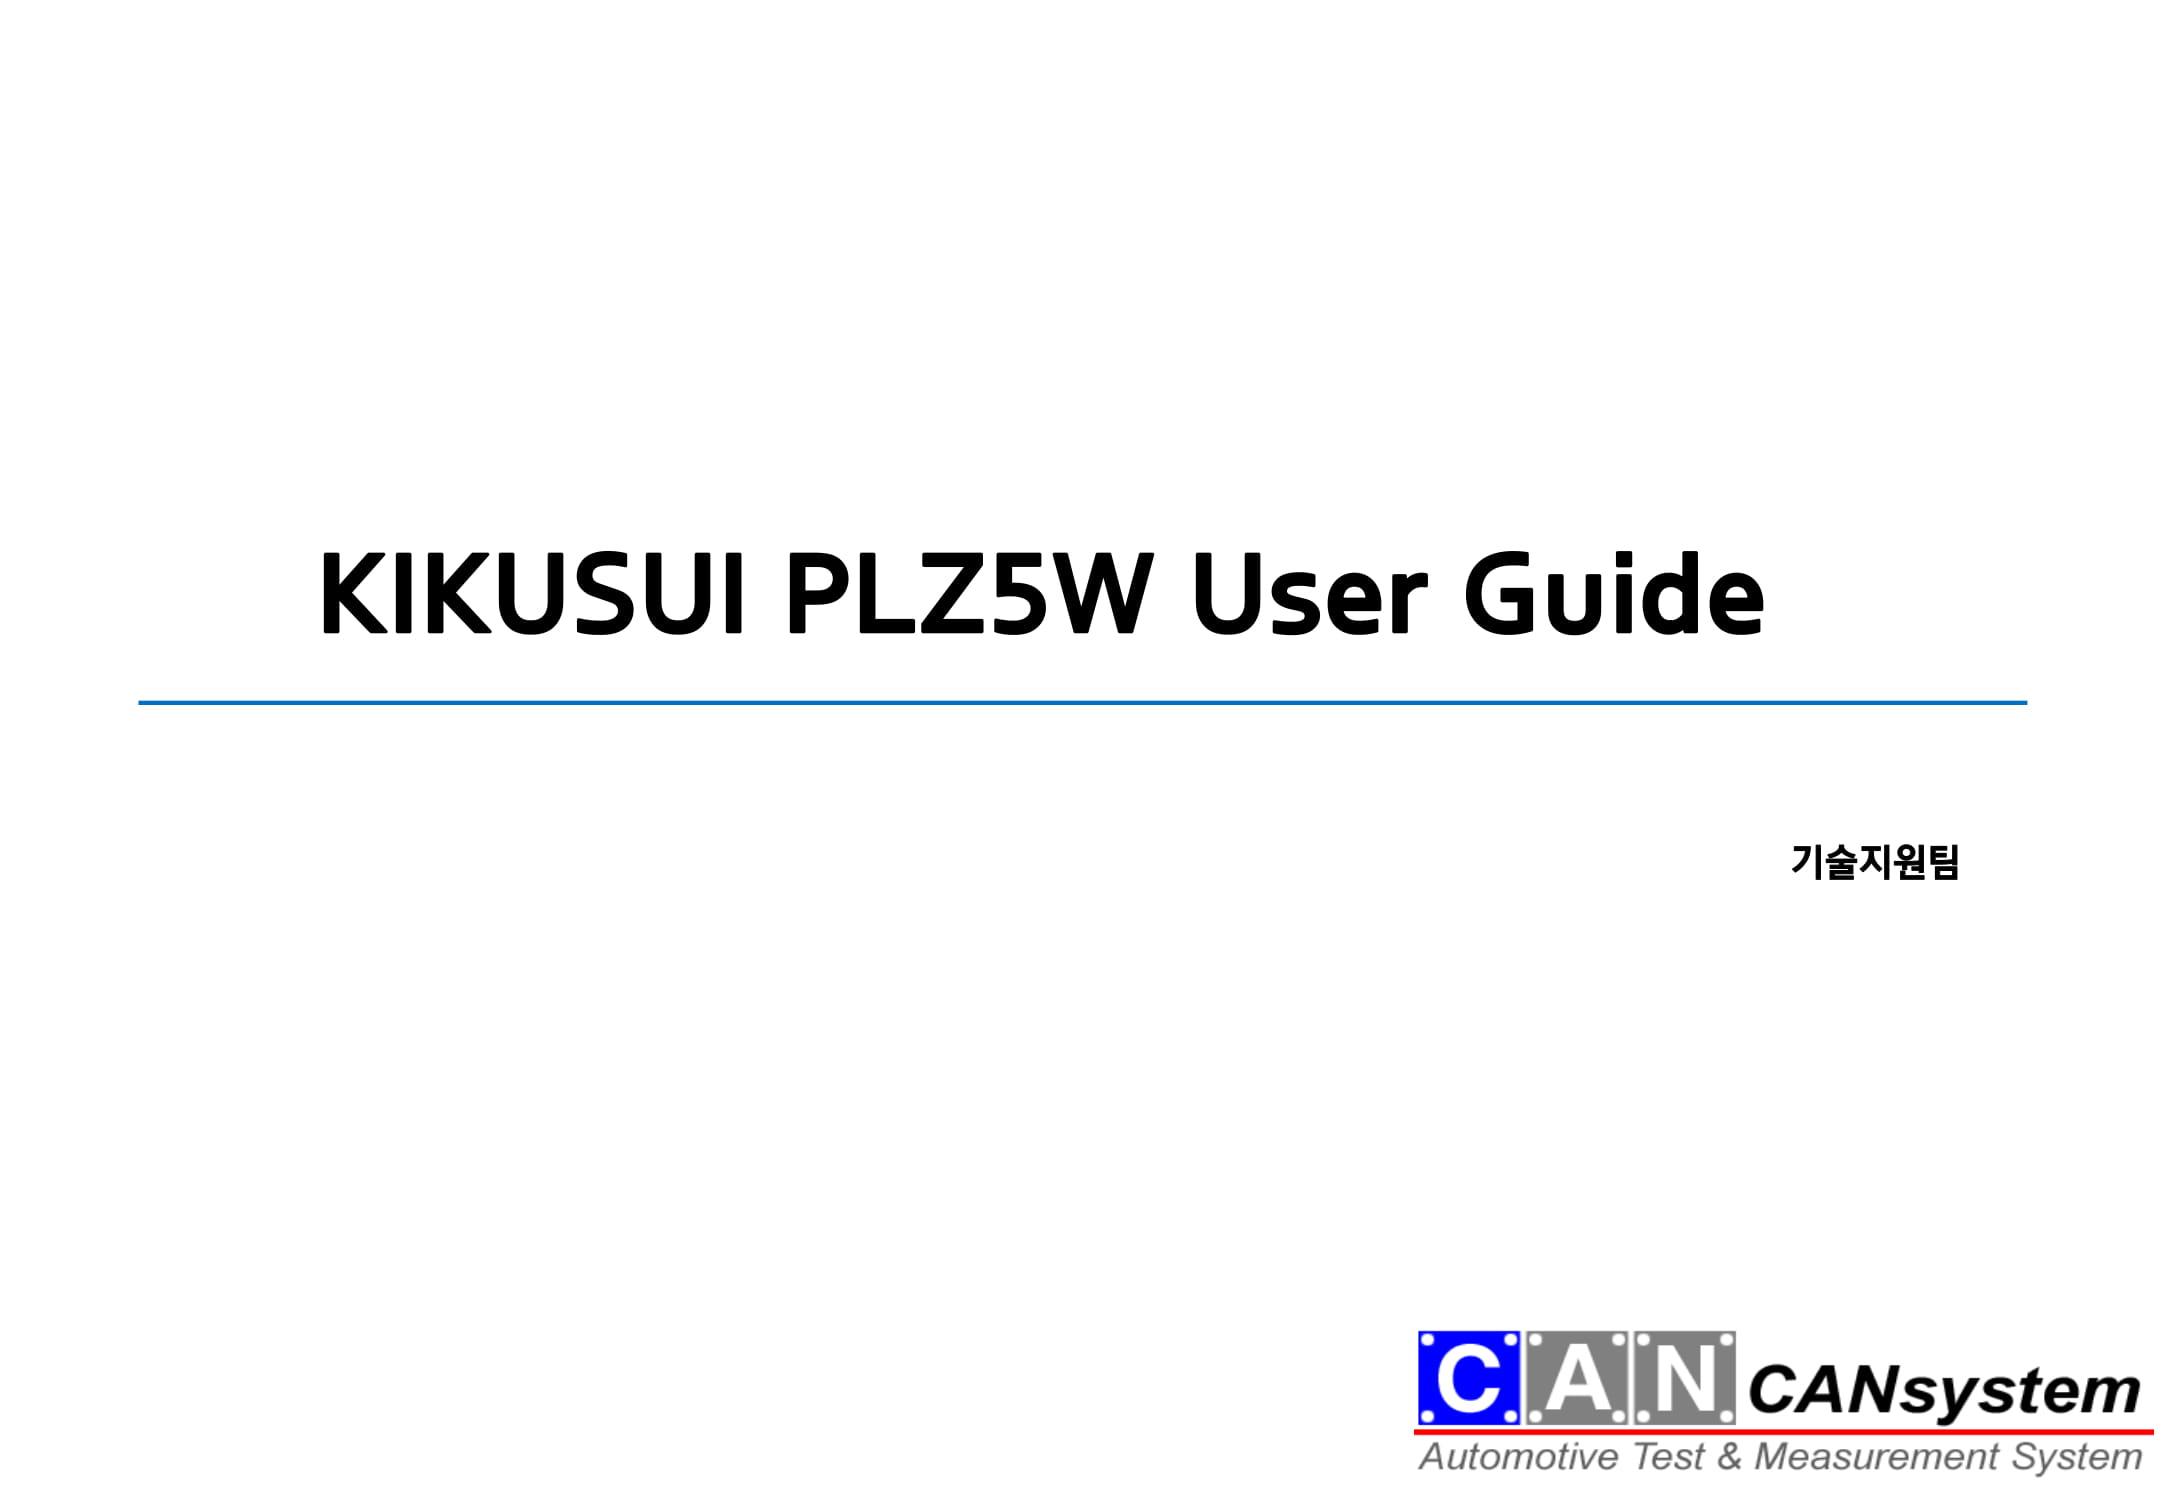 KIKUSUI PLZ5W 이용가이드-01.jpg